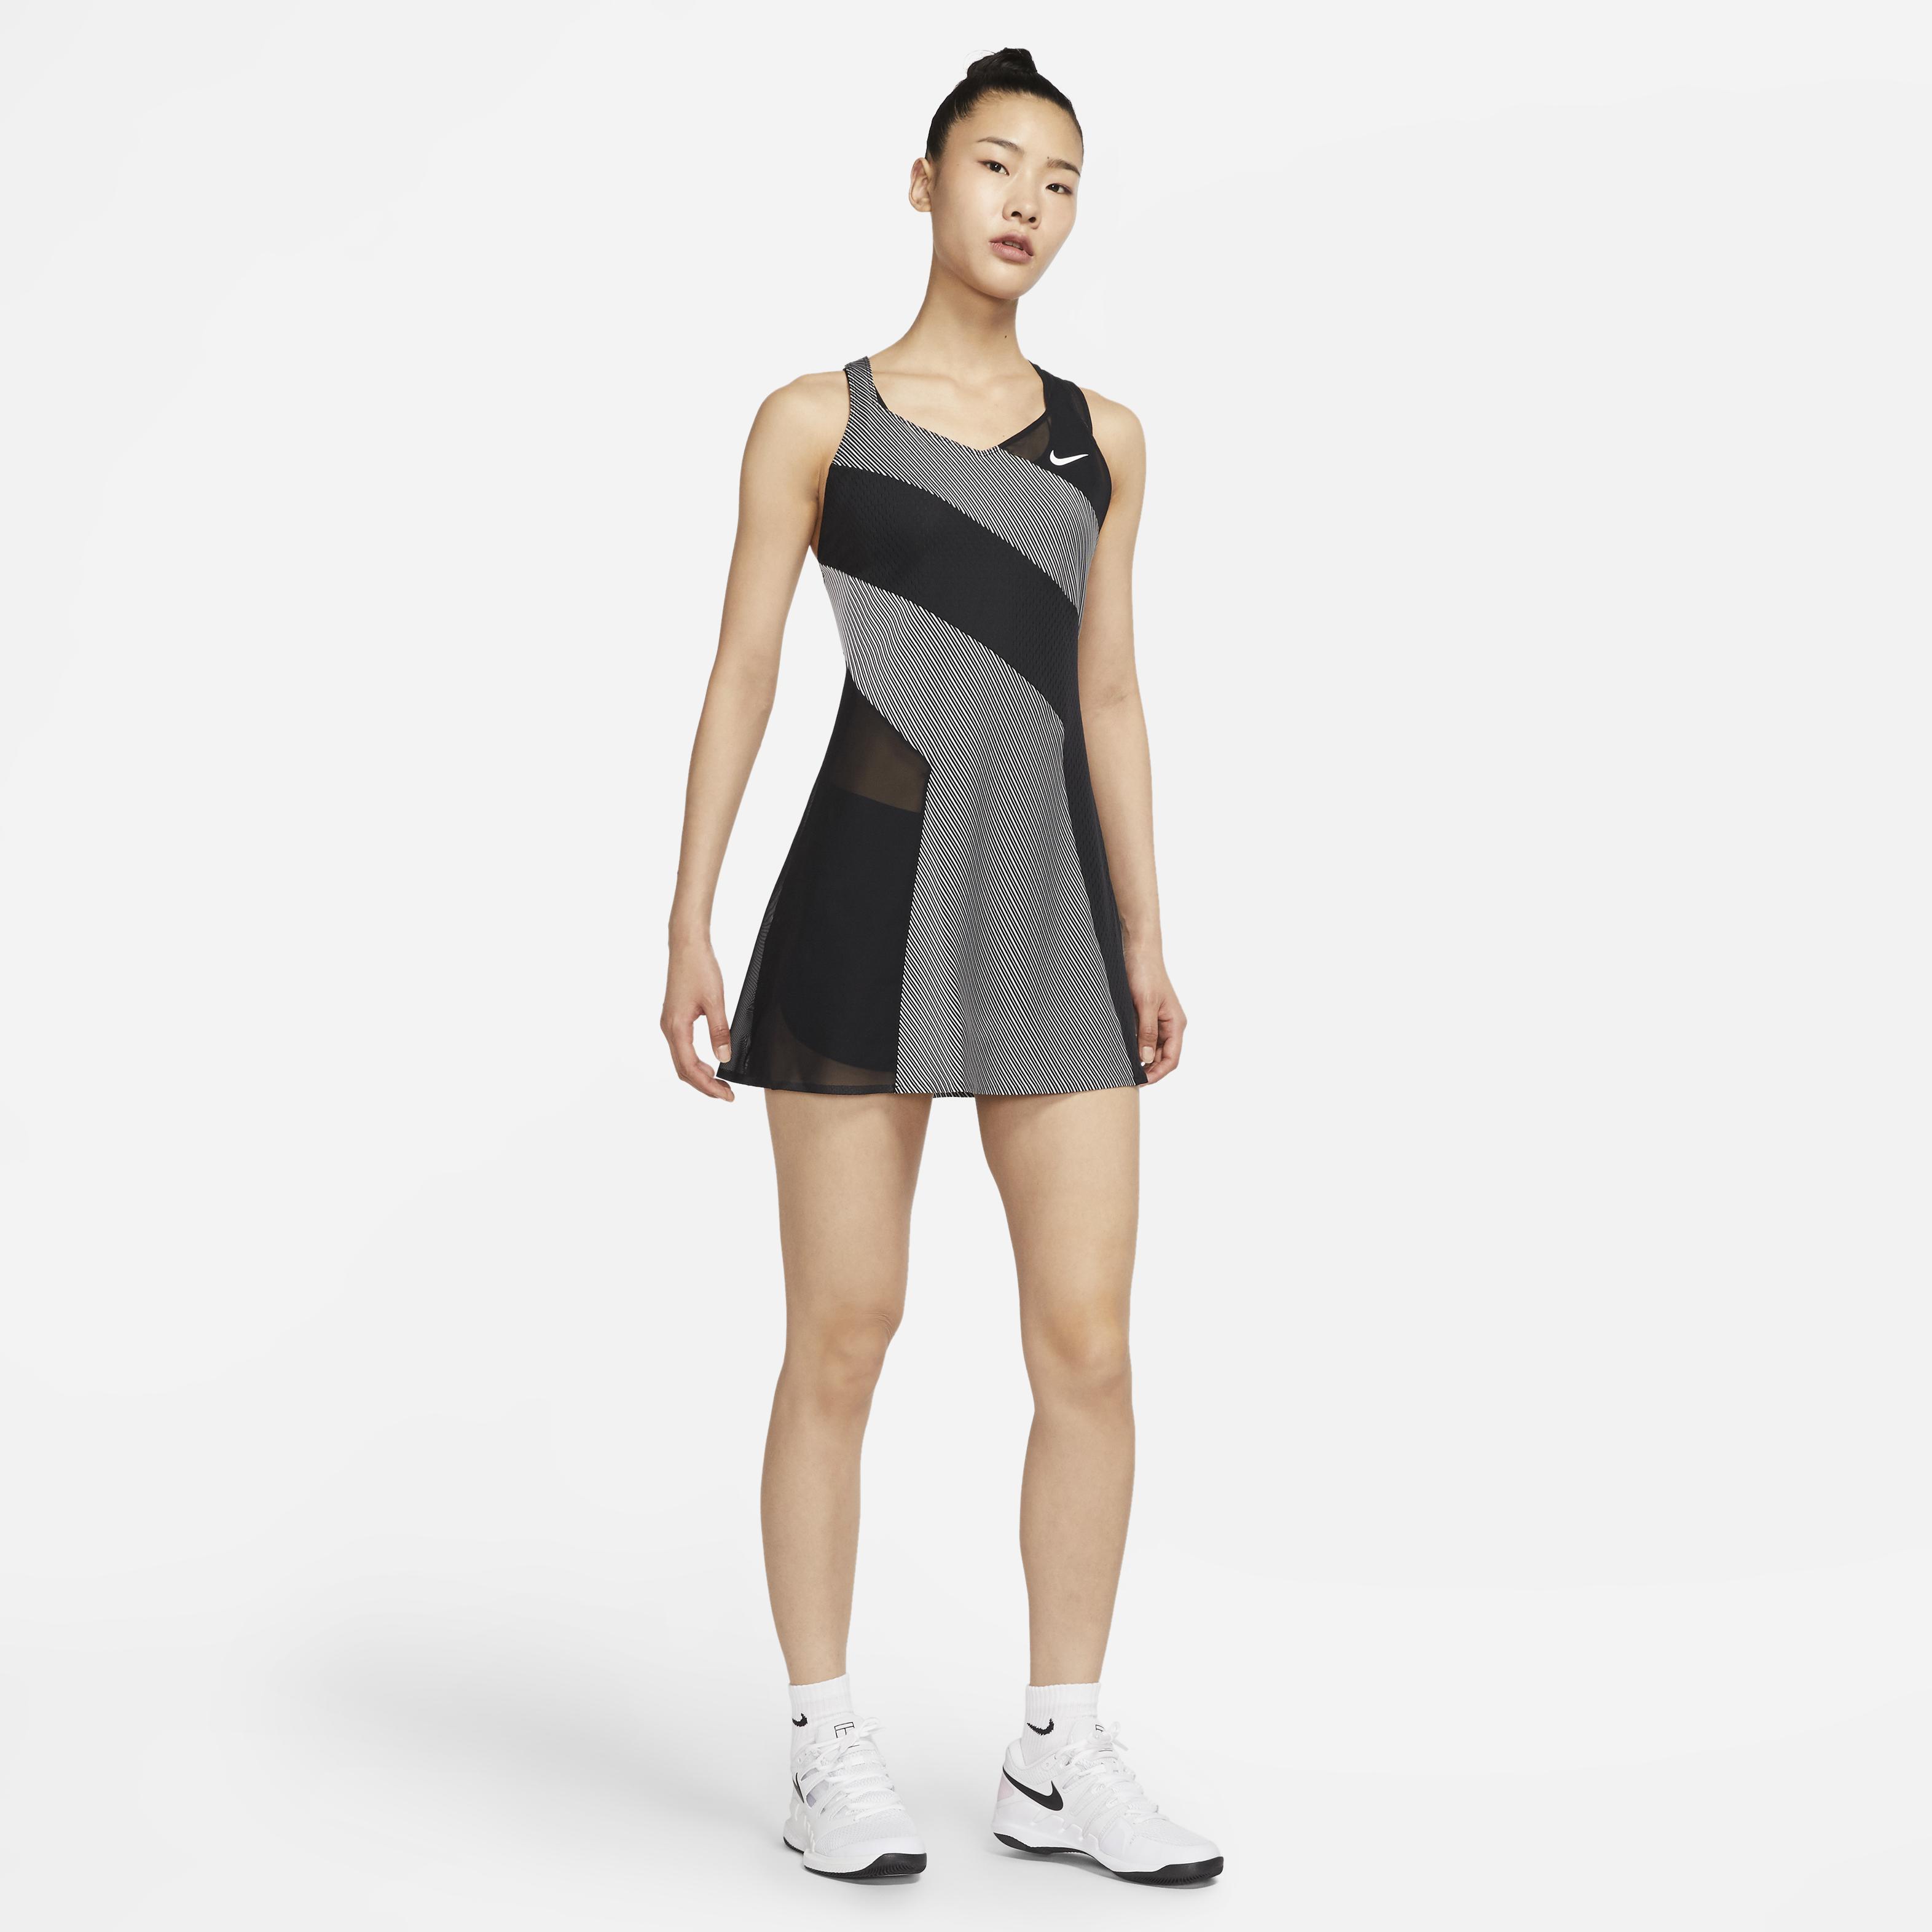 NikeCourt Dress